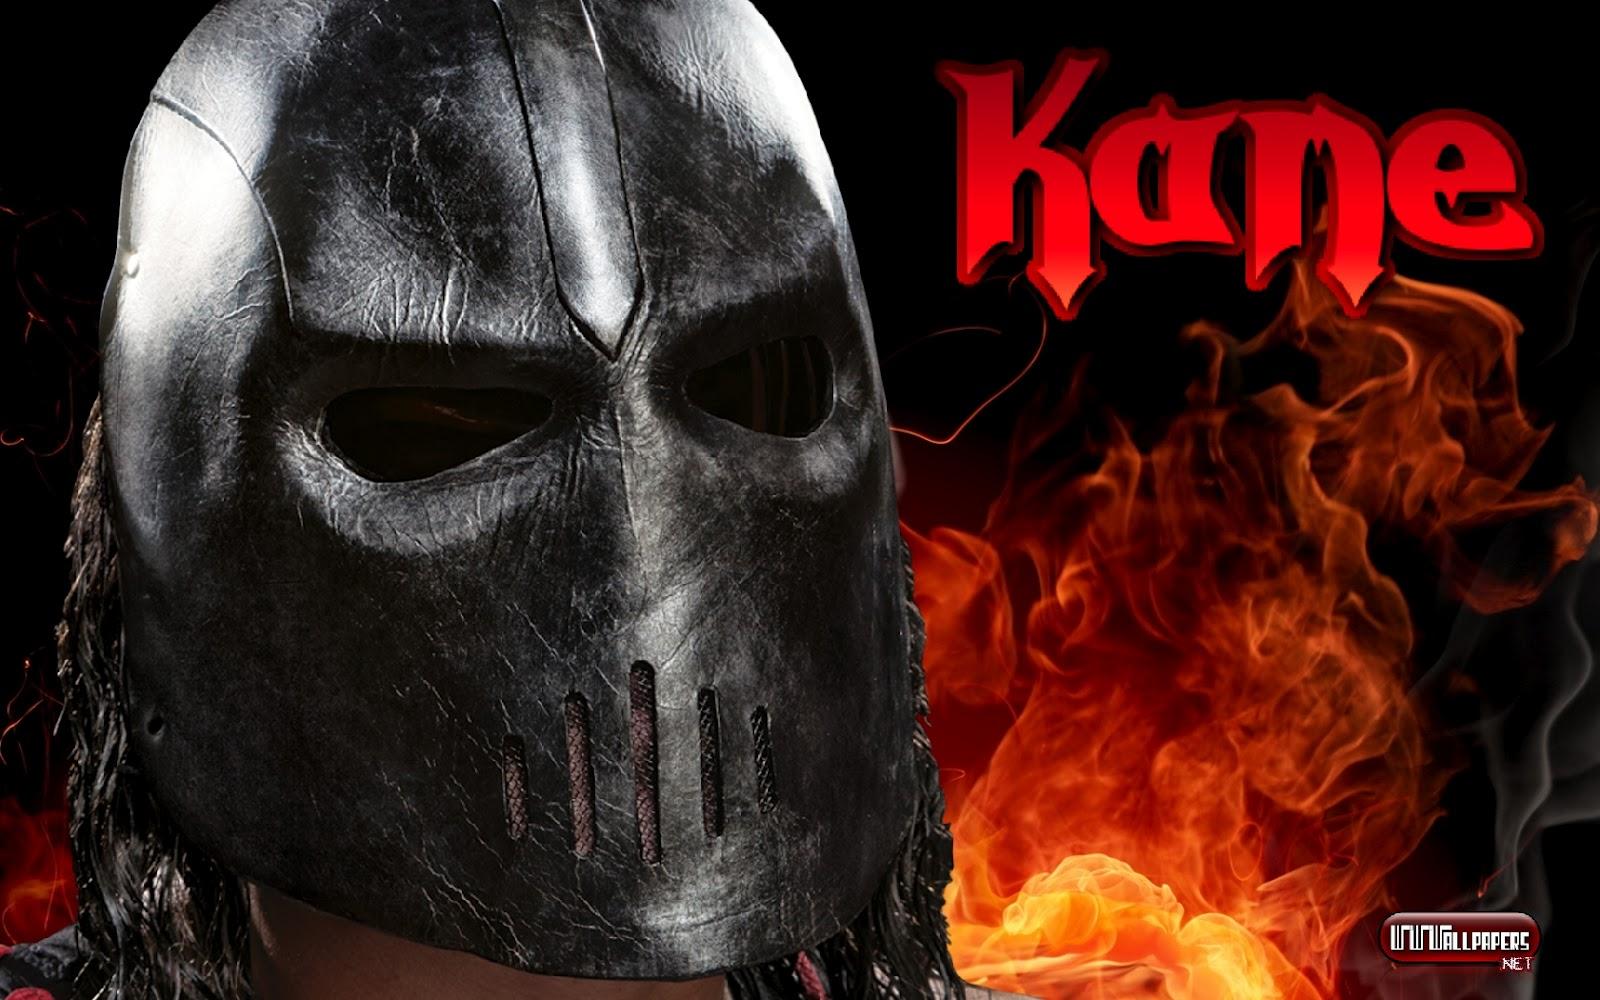 http://2.bp.blogspot.com/-GPyDTbHCBHw/T6lr7jV_x5I/AAAAAAAACHQ/C9Wj0LN2b4g/s1600/Kane+wallpaper+wwe+2012+2013++fire++hd+masked.jpg